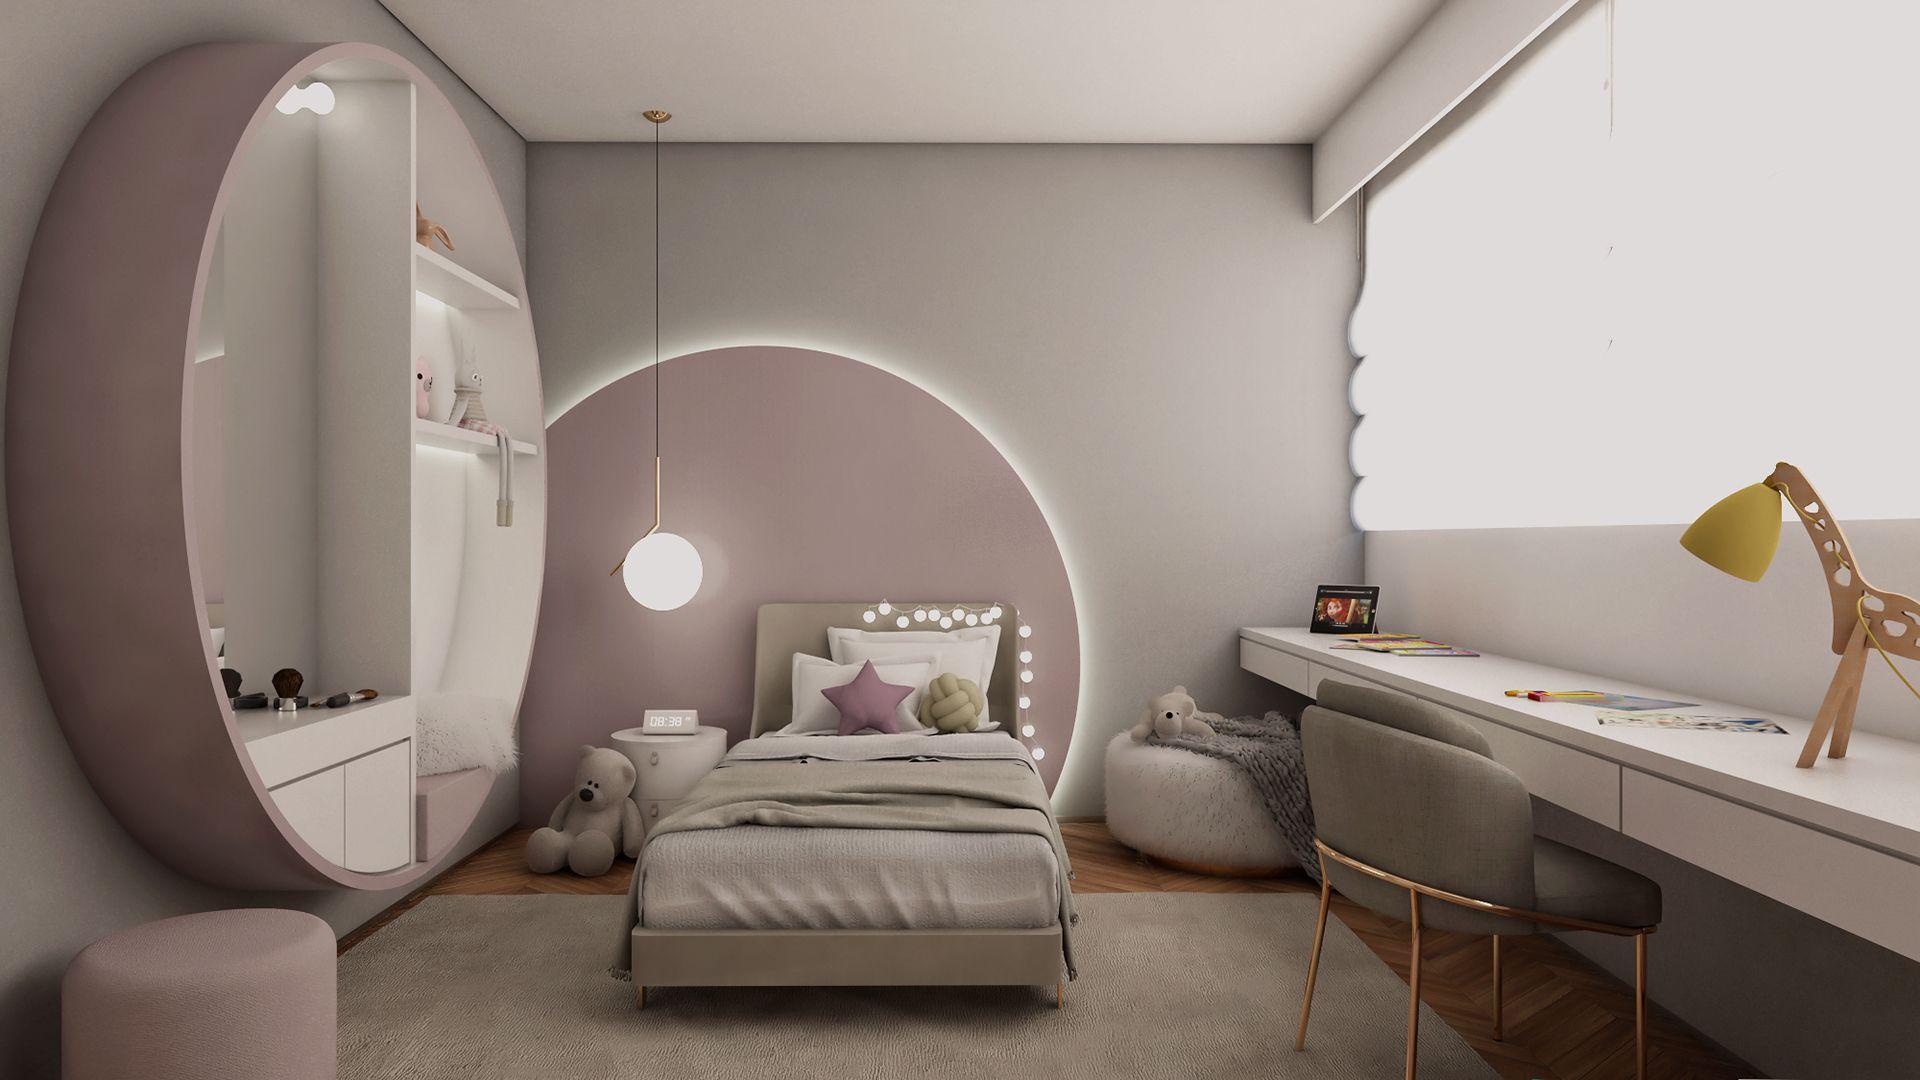 Luxury Kids Bed Room Novocom Top